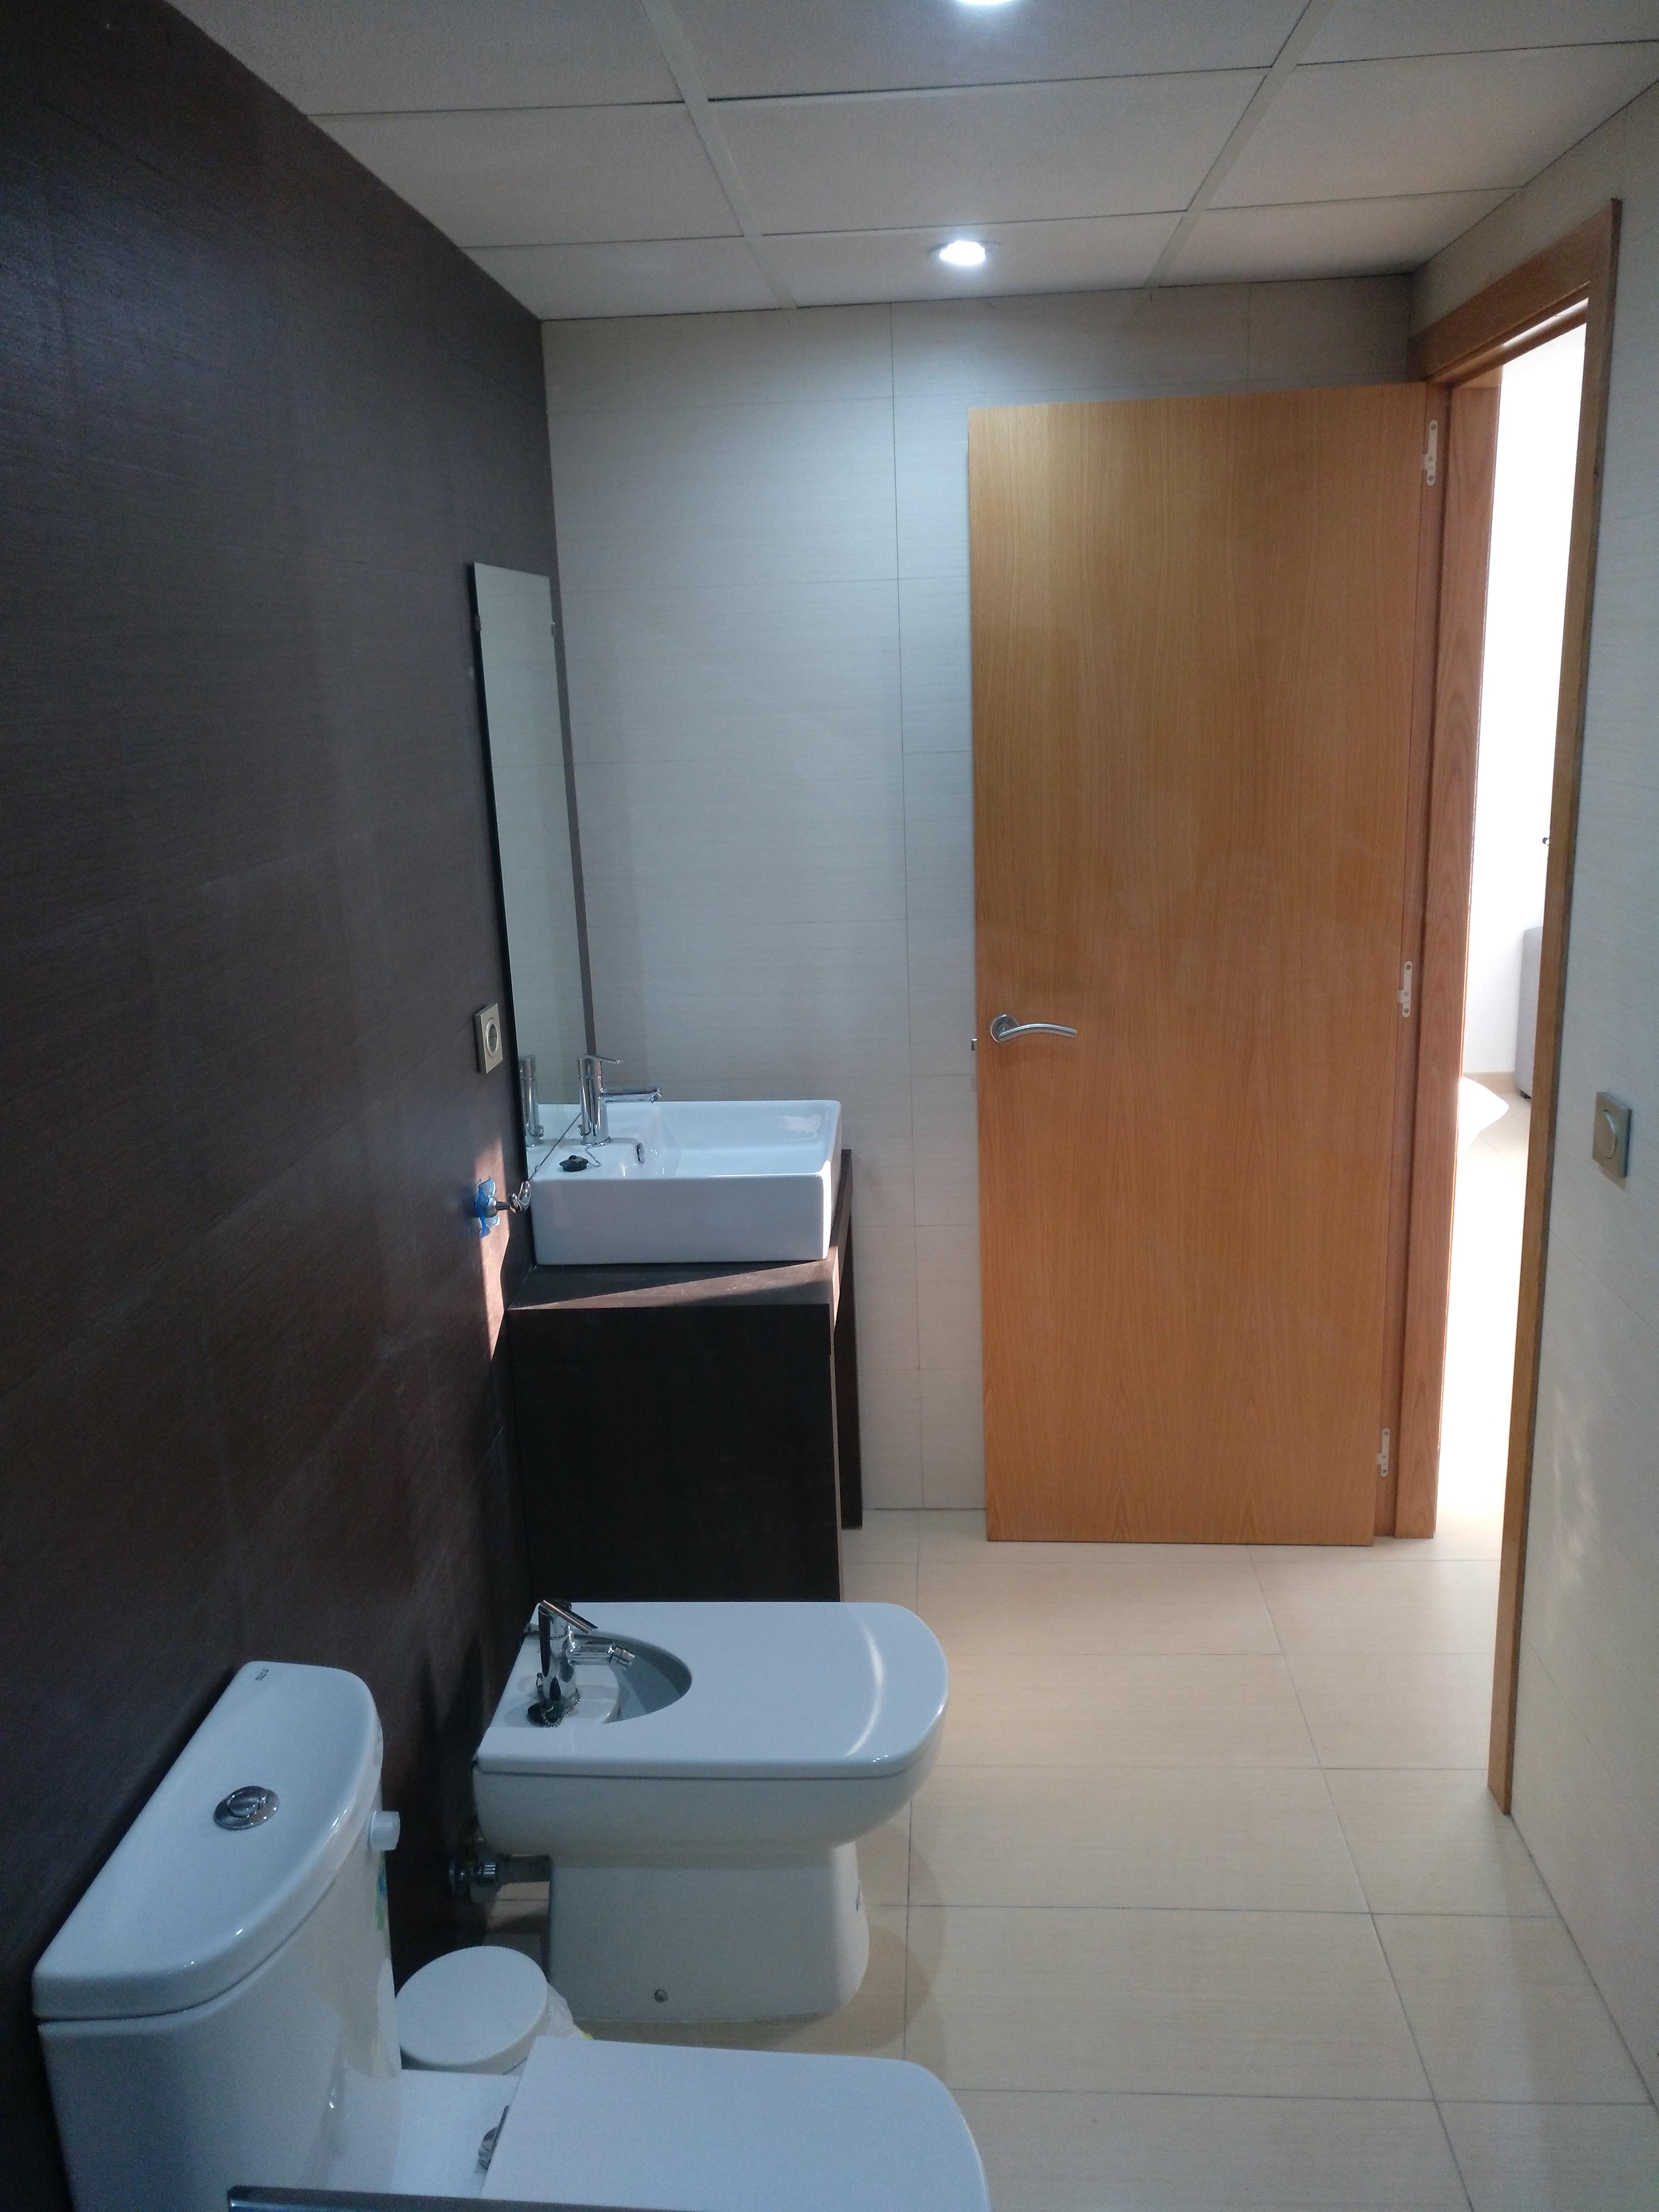 Apartament Blaucel 3 Deltebre